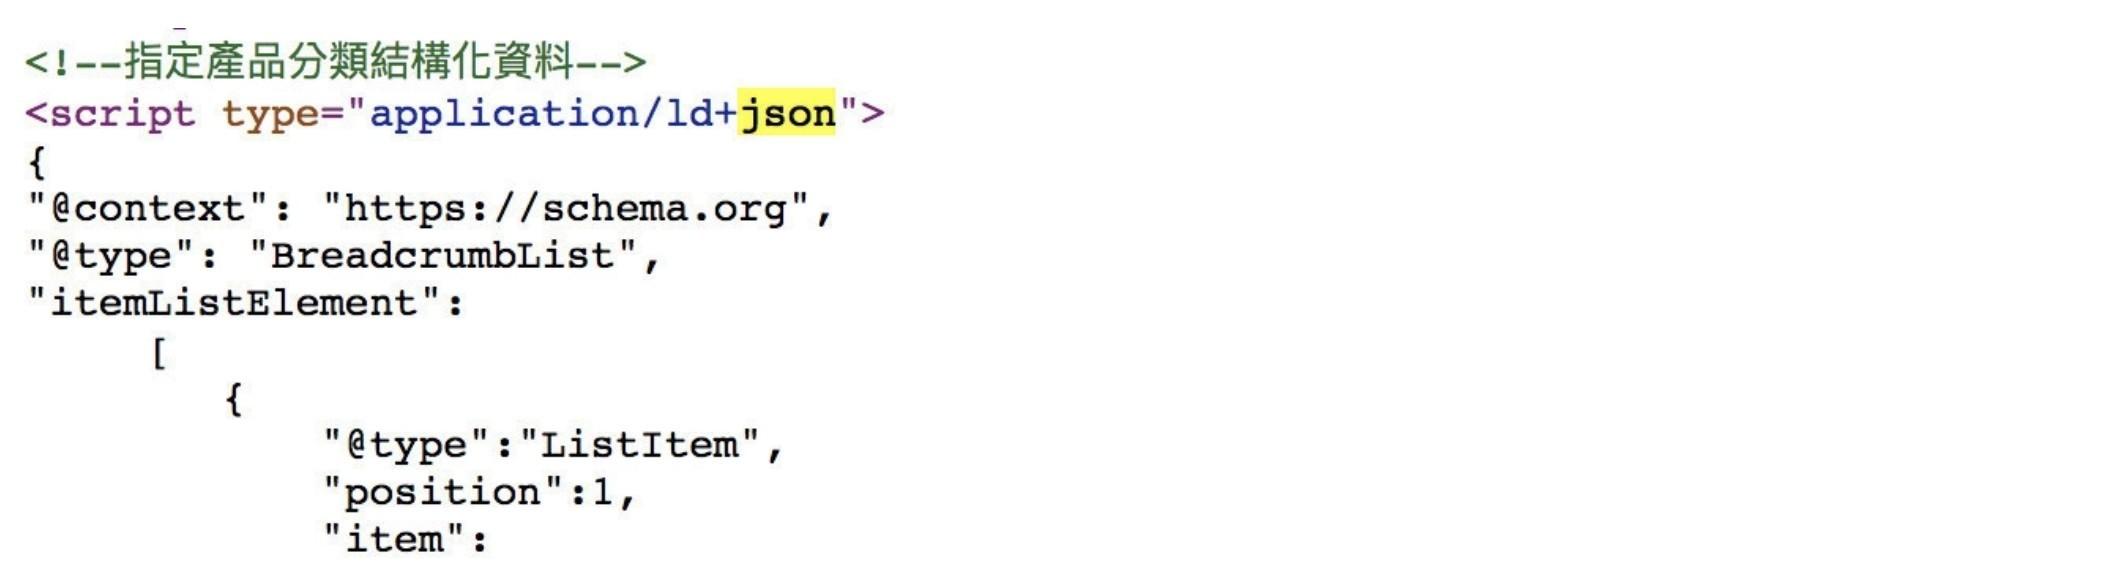 結構化資料JSON-LD SEF搜尋引擎友善網站設計-鯊客科技SEO優化公司